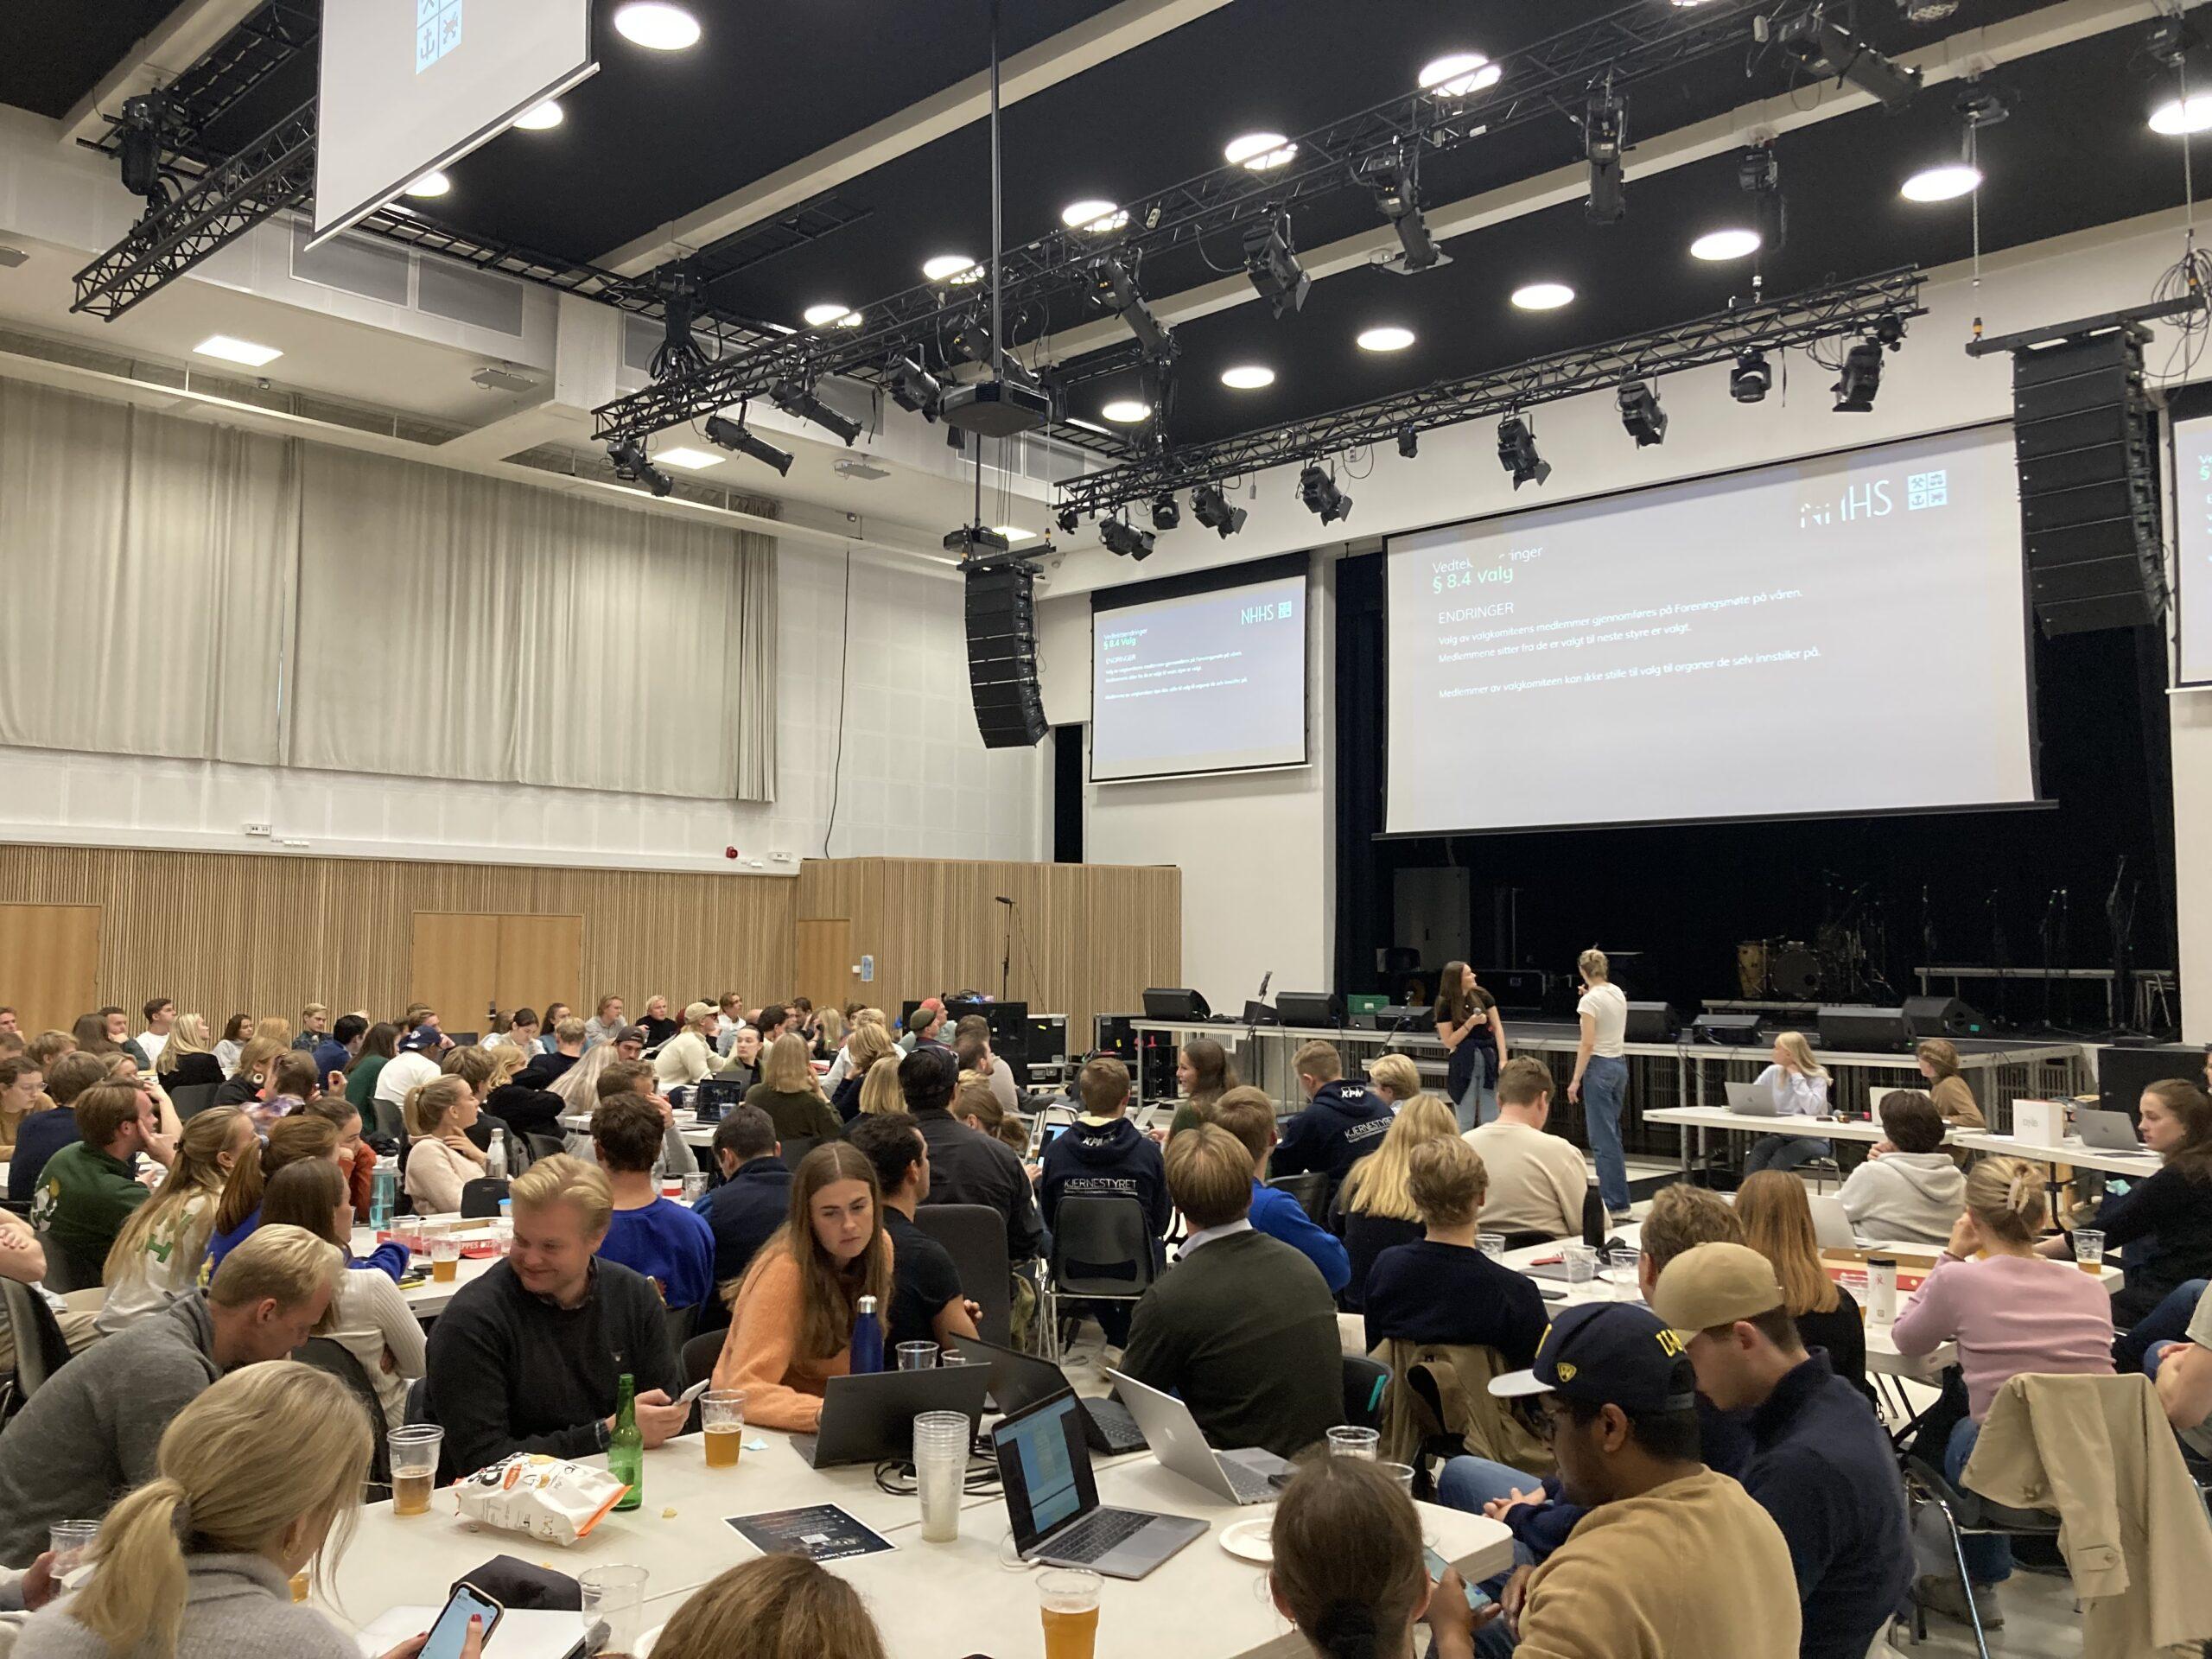 Ekstraordinært foreningsmøte: Het debatt, varm skjenk